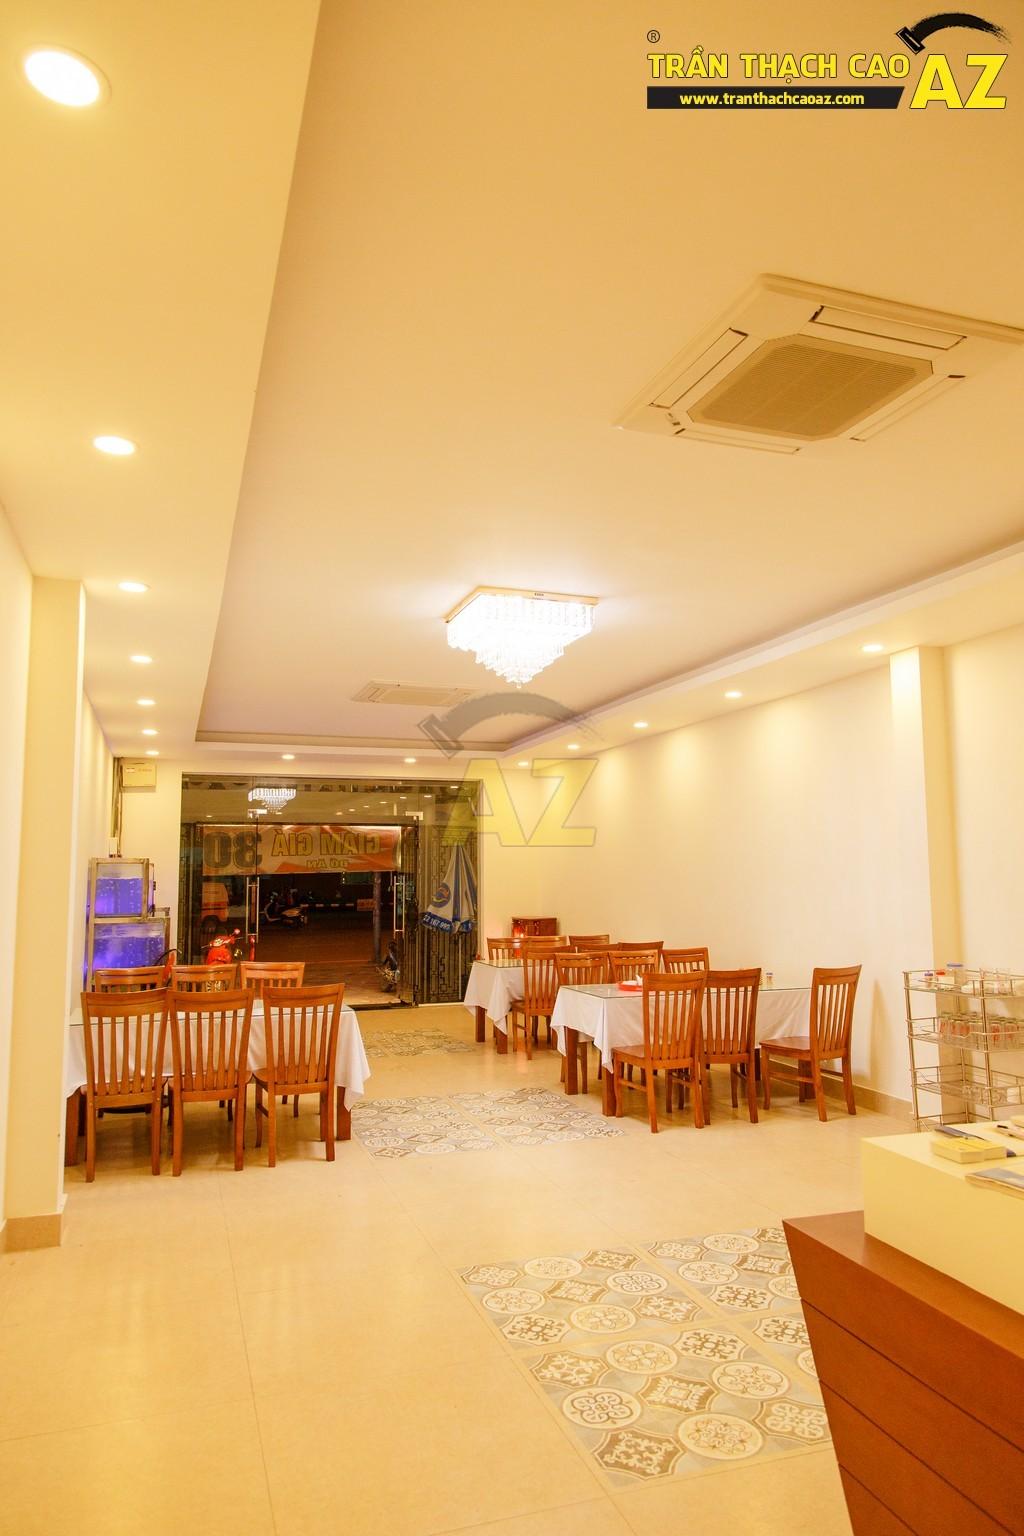 Thiết kế trần thạch cao đẹp sang trọng của nhà hàng Cá Minh Quân - 02